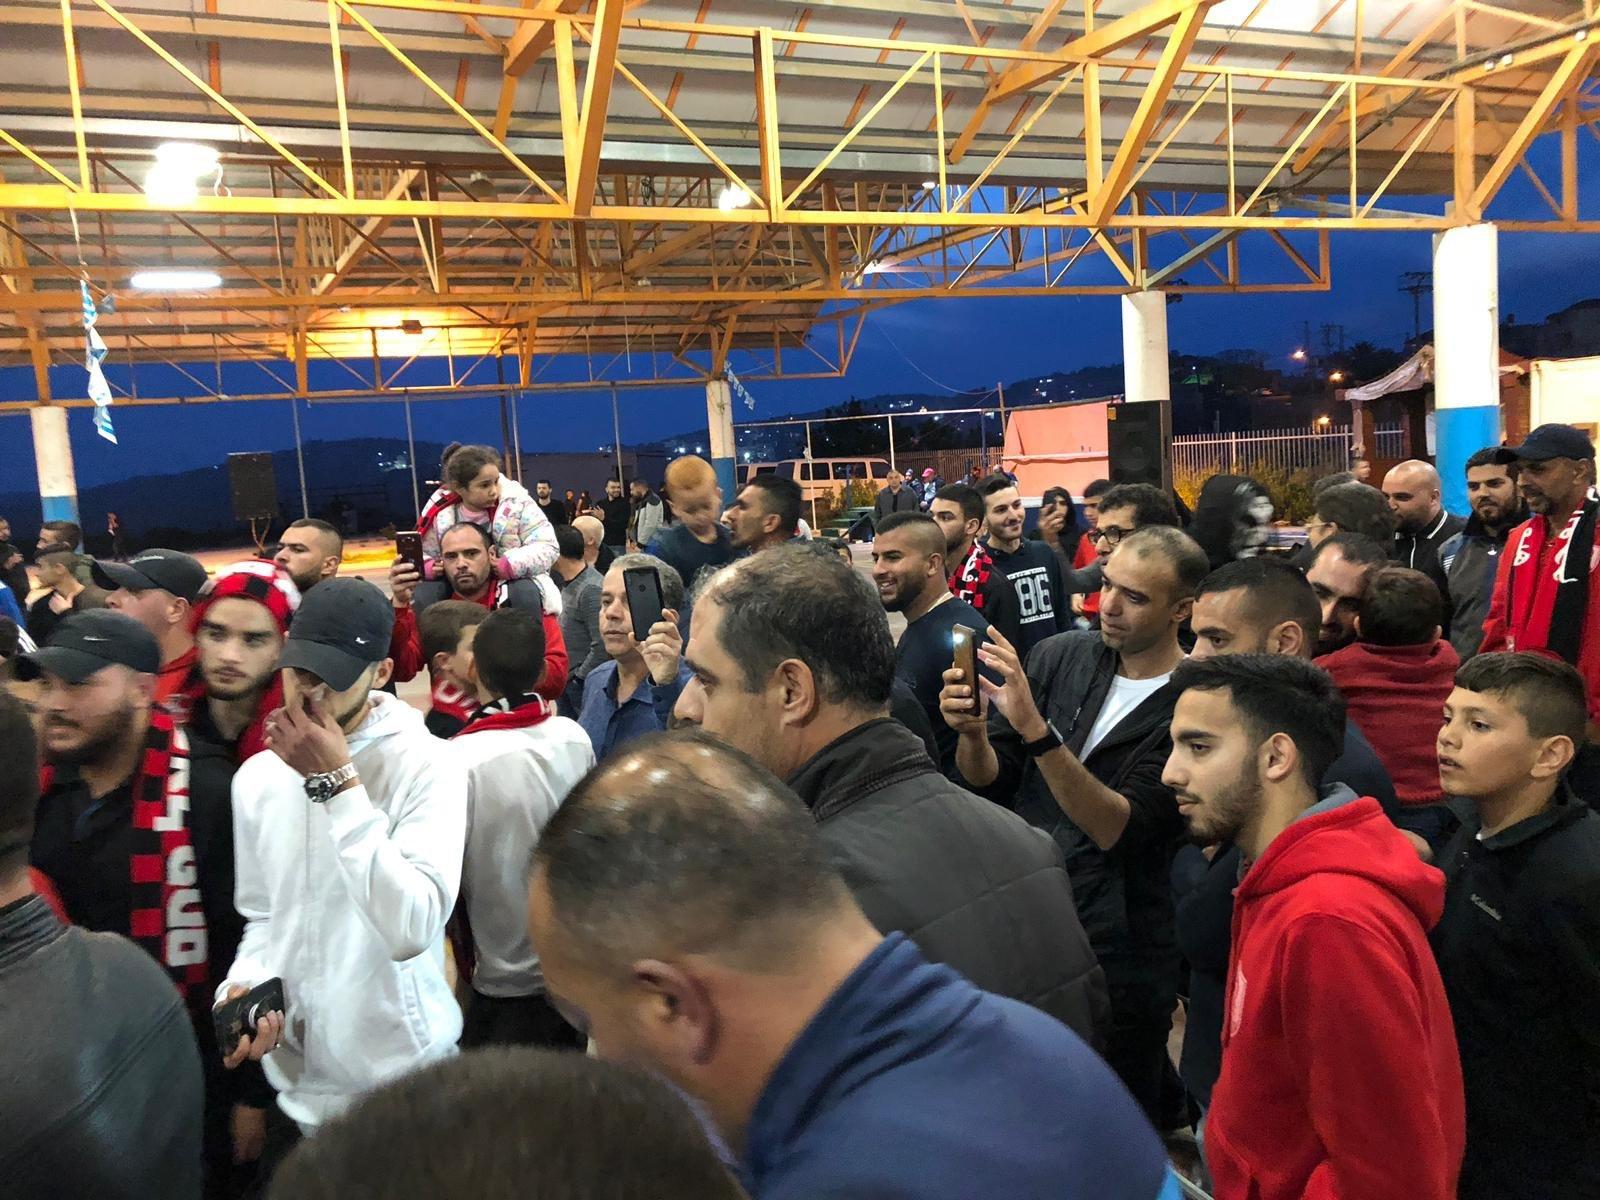 ام الفحم: احتفالات لصعود هبوعيل بمشاركة النائب جبارين ود. سمير محاميد